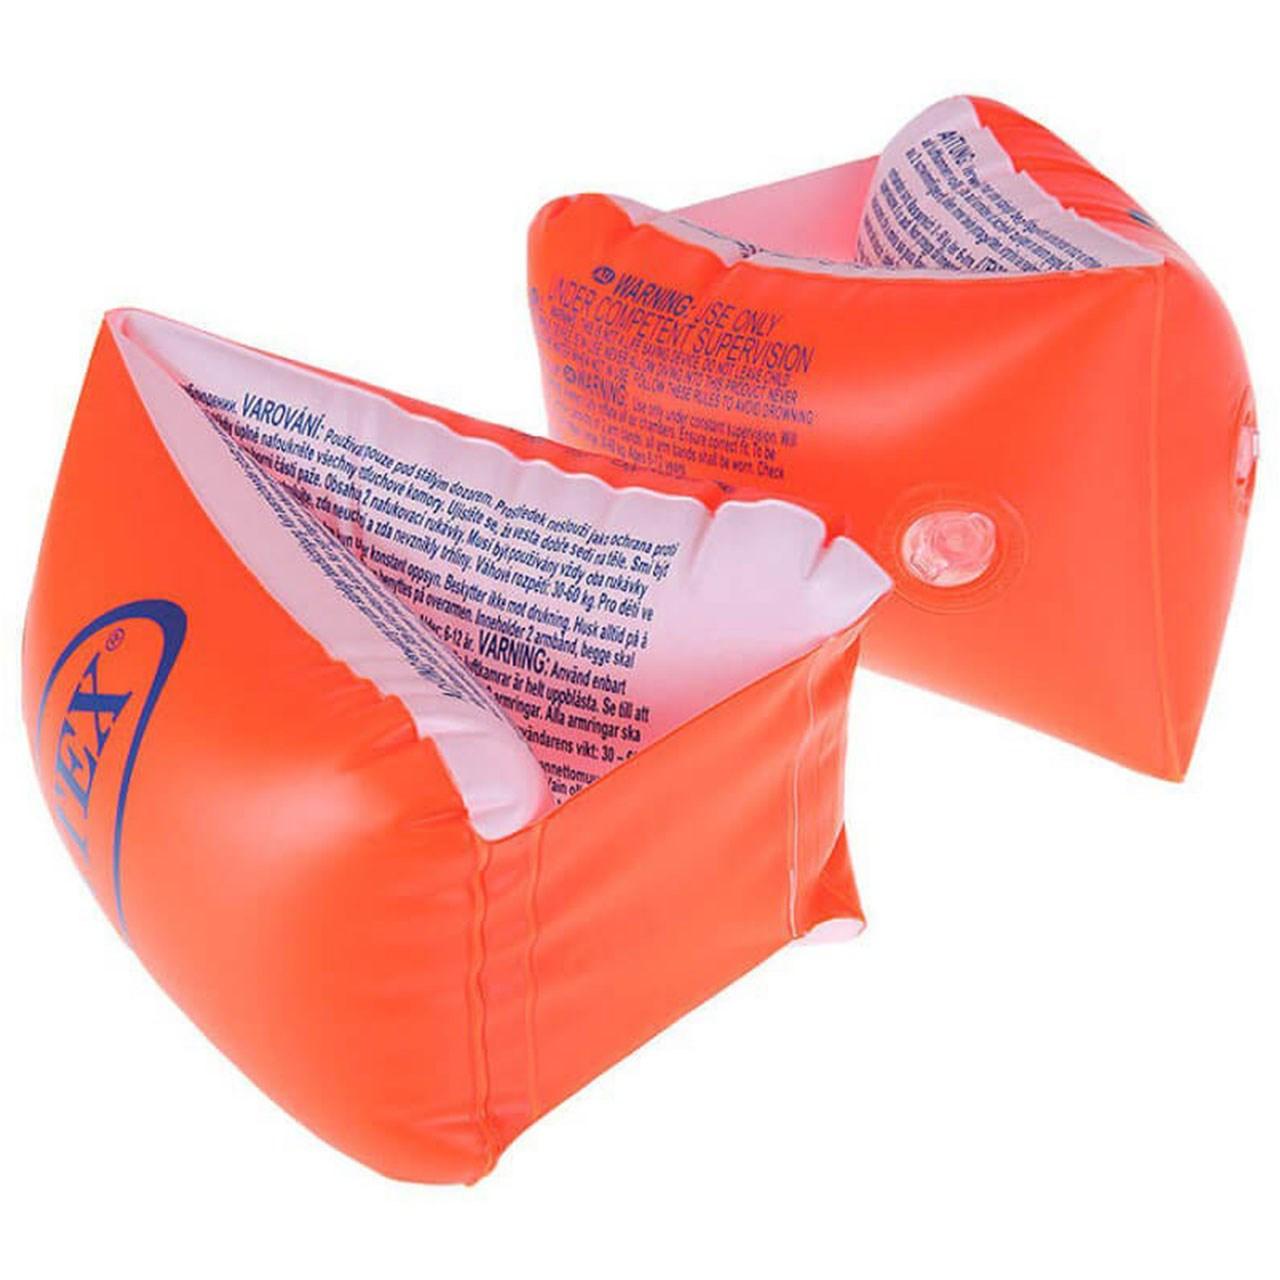 بازو بند شنای اینتکس مدل 12-6